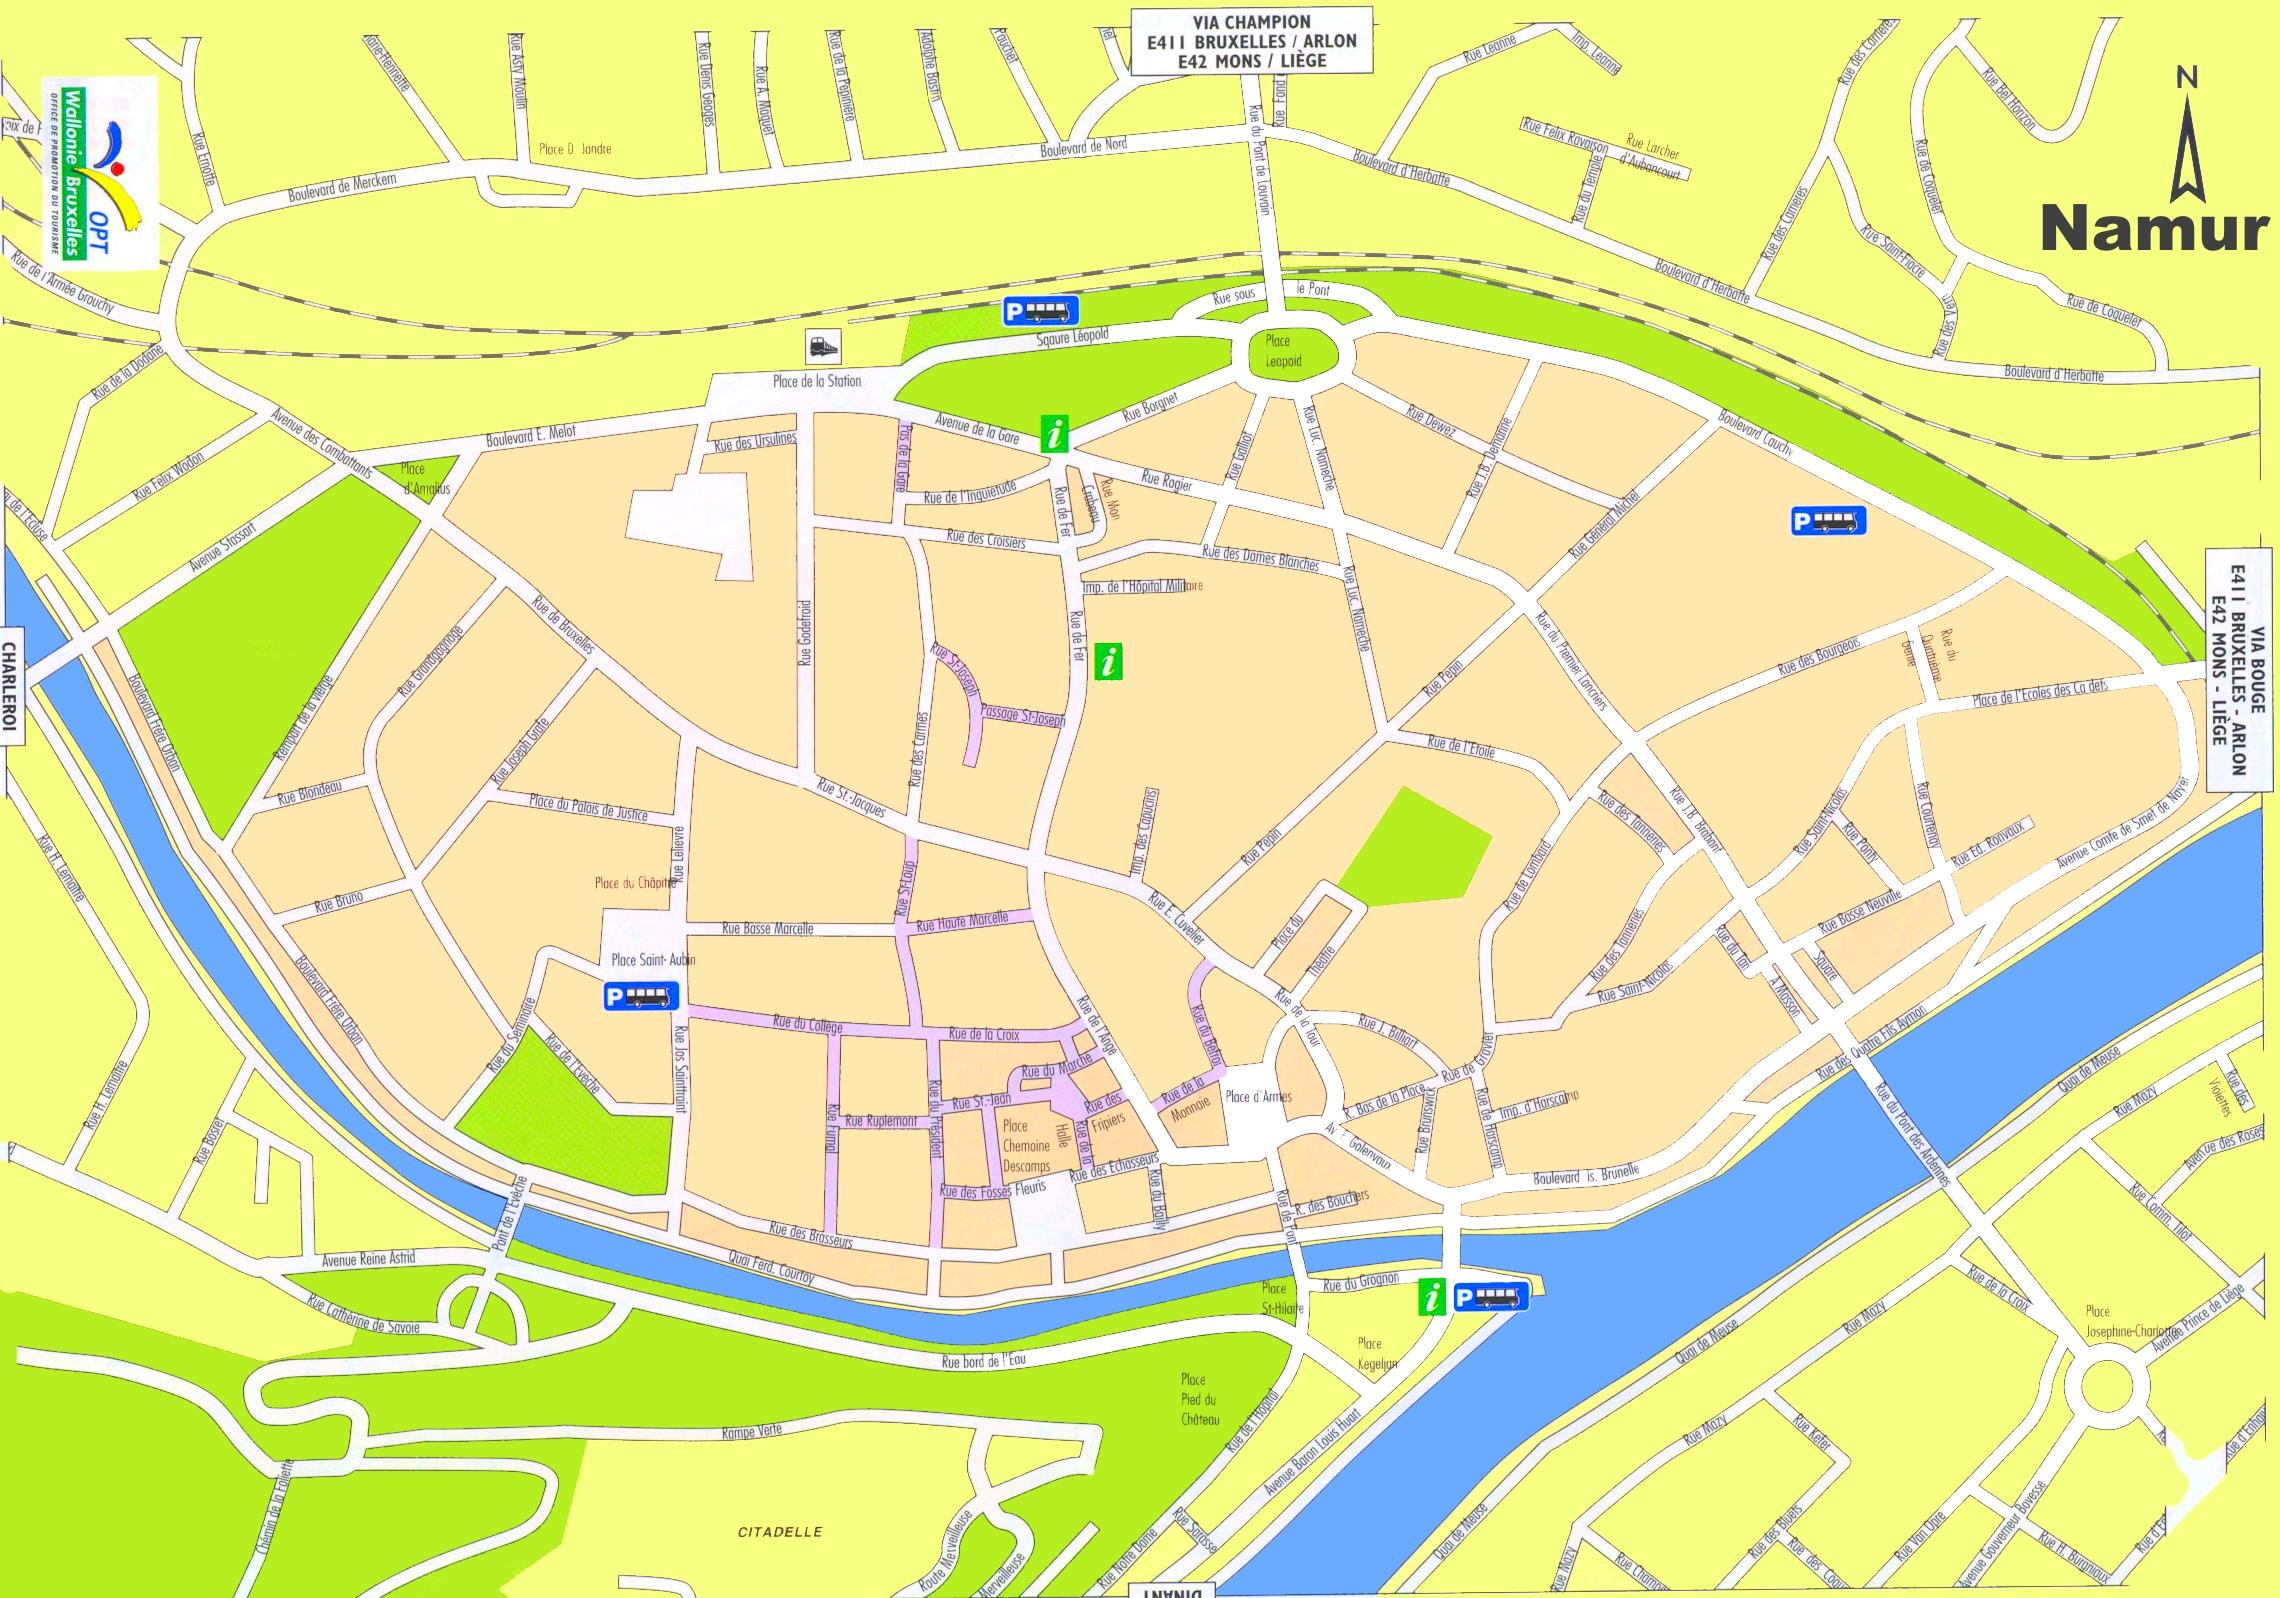 Namur tourist map